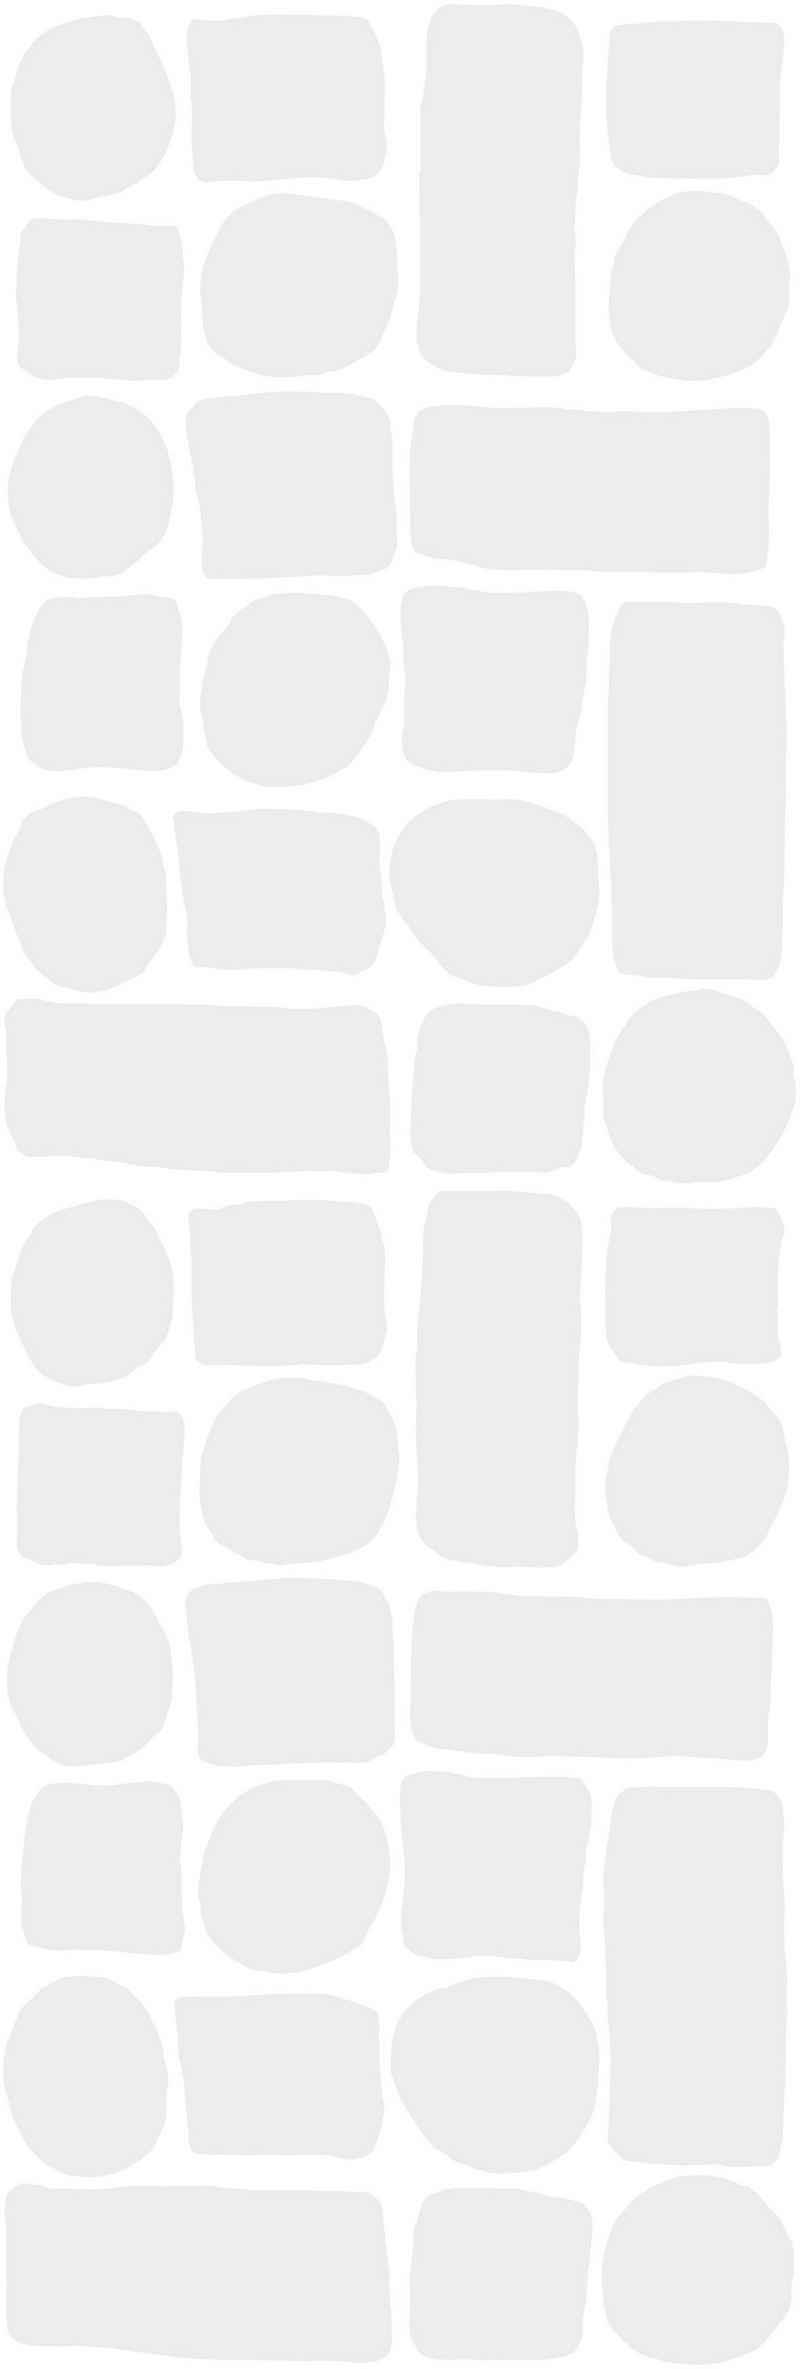 Fenstersticker »Transparent«, Kleine Wolke, halbtransparent, glatt, für Bad und Dusche